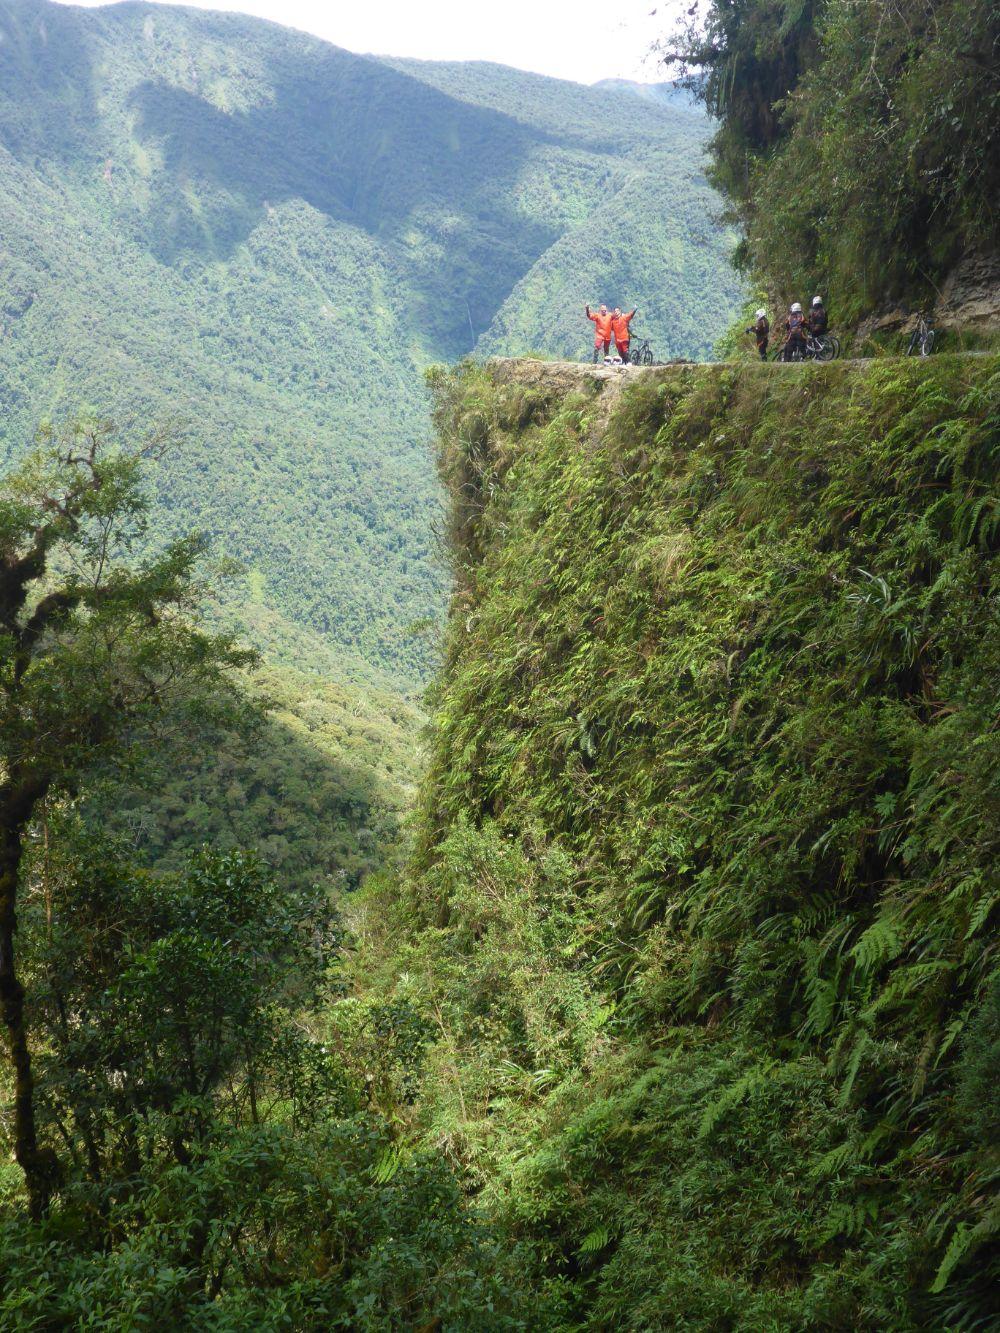 صور سفر، أكثر المزارات المخيفة في العالم، طريق يونغاس طريق الموت ، بوليفيا